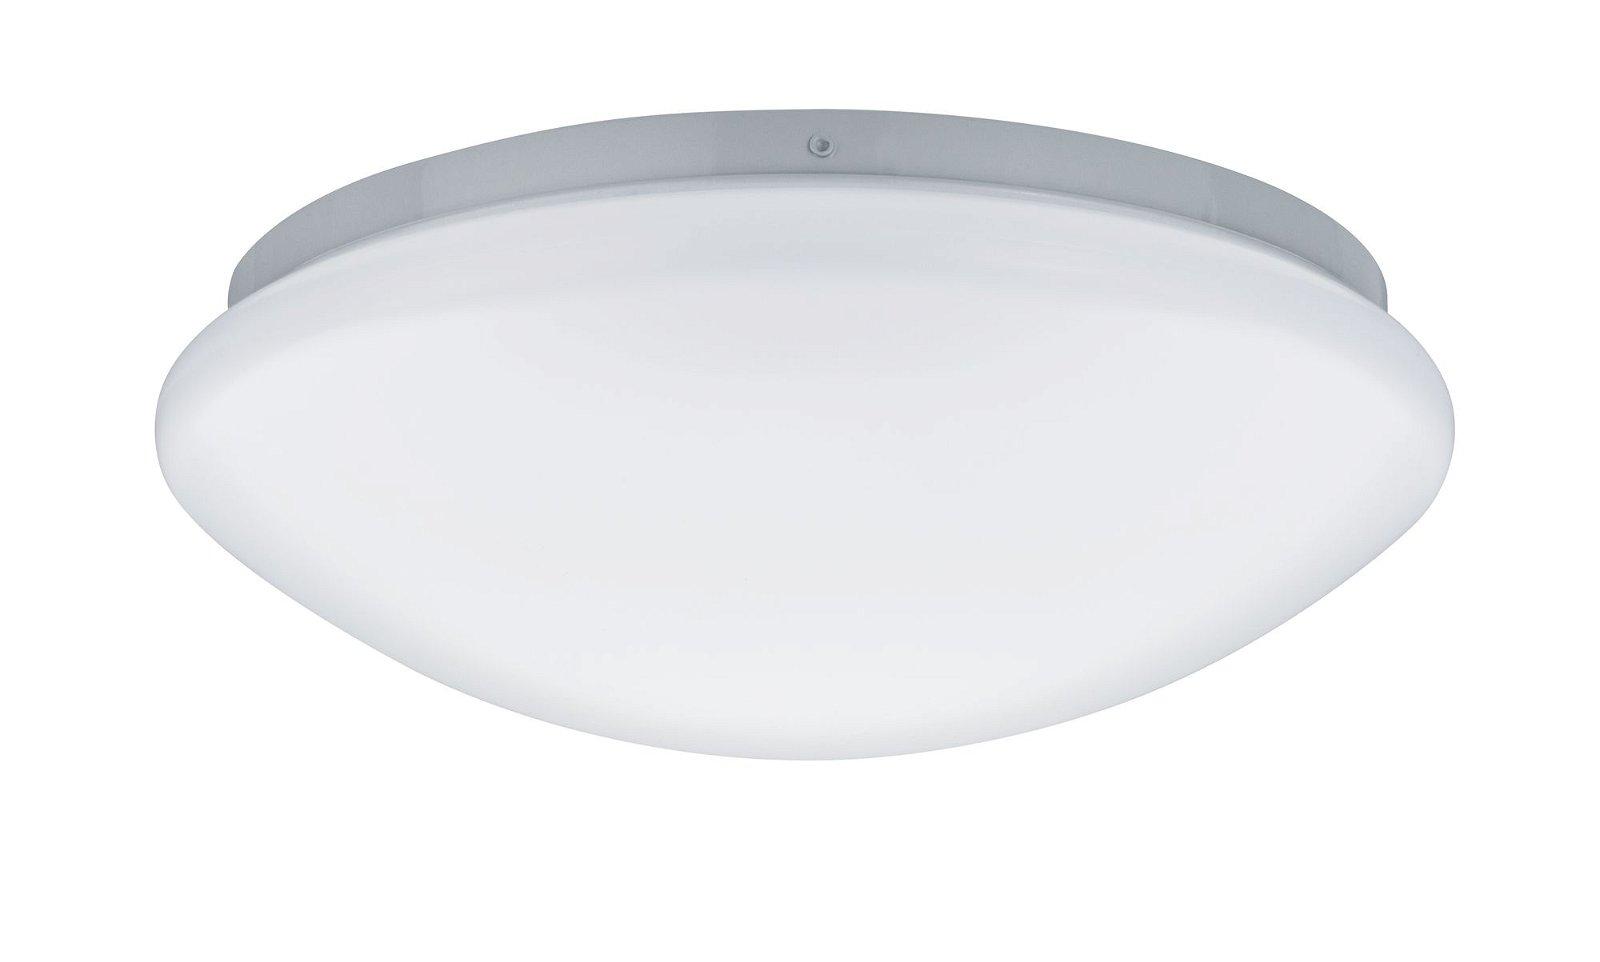 LED Ceiling luminaire Leonis IP44 4000K 1310lm 230V 10W White